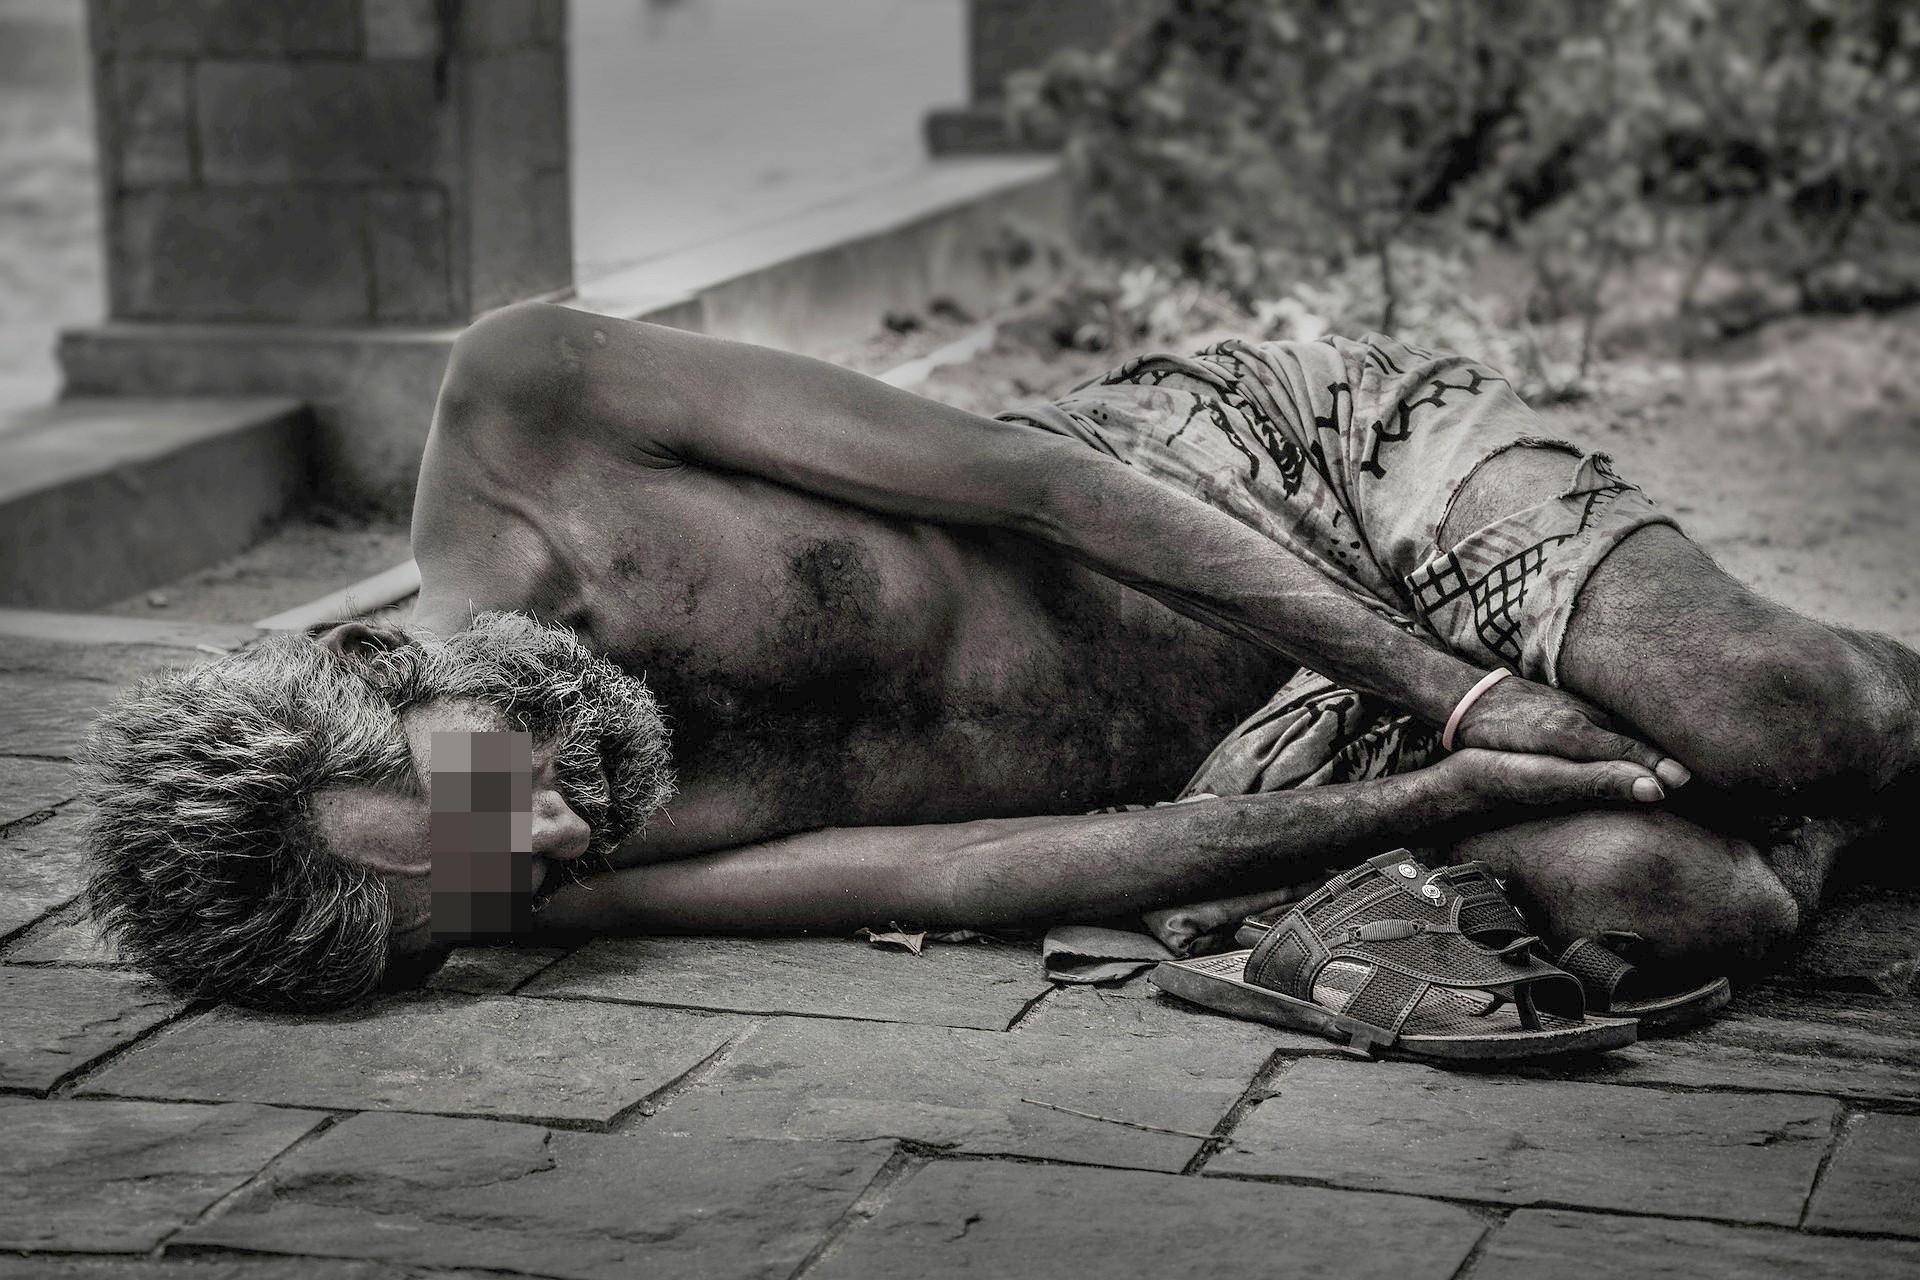 ▲流浪漢,街友,窮困,貧窮 。(圖/取自免費圖庫Pixabay)